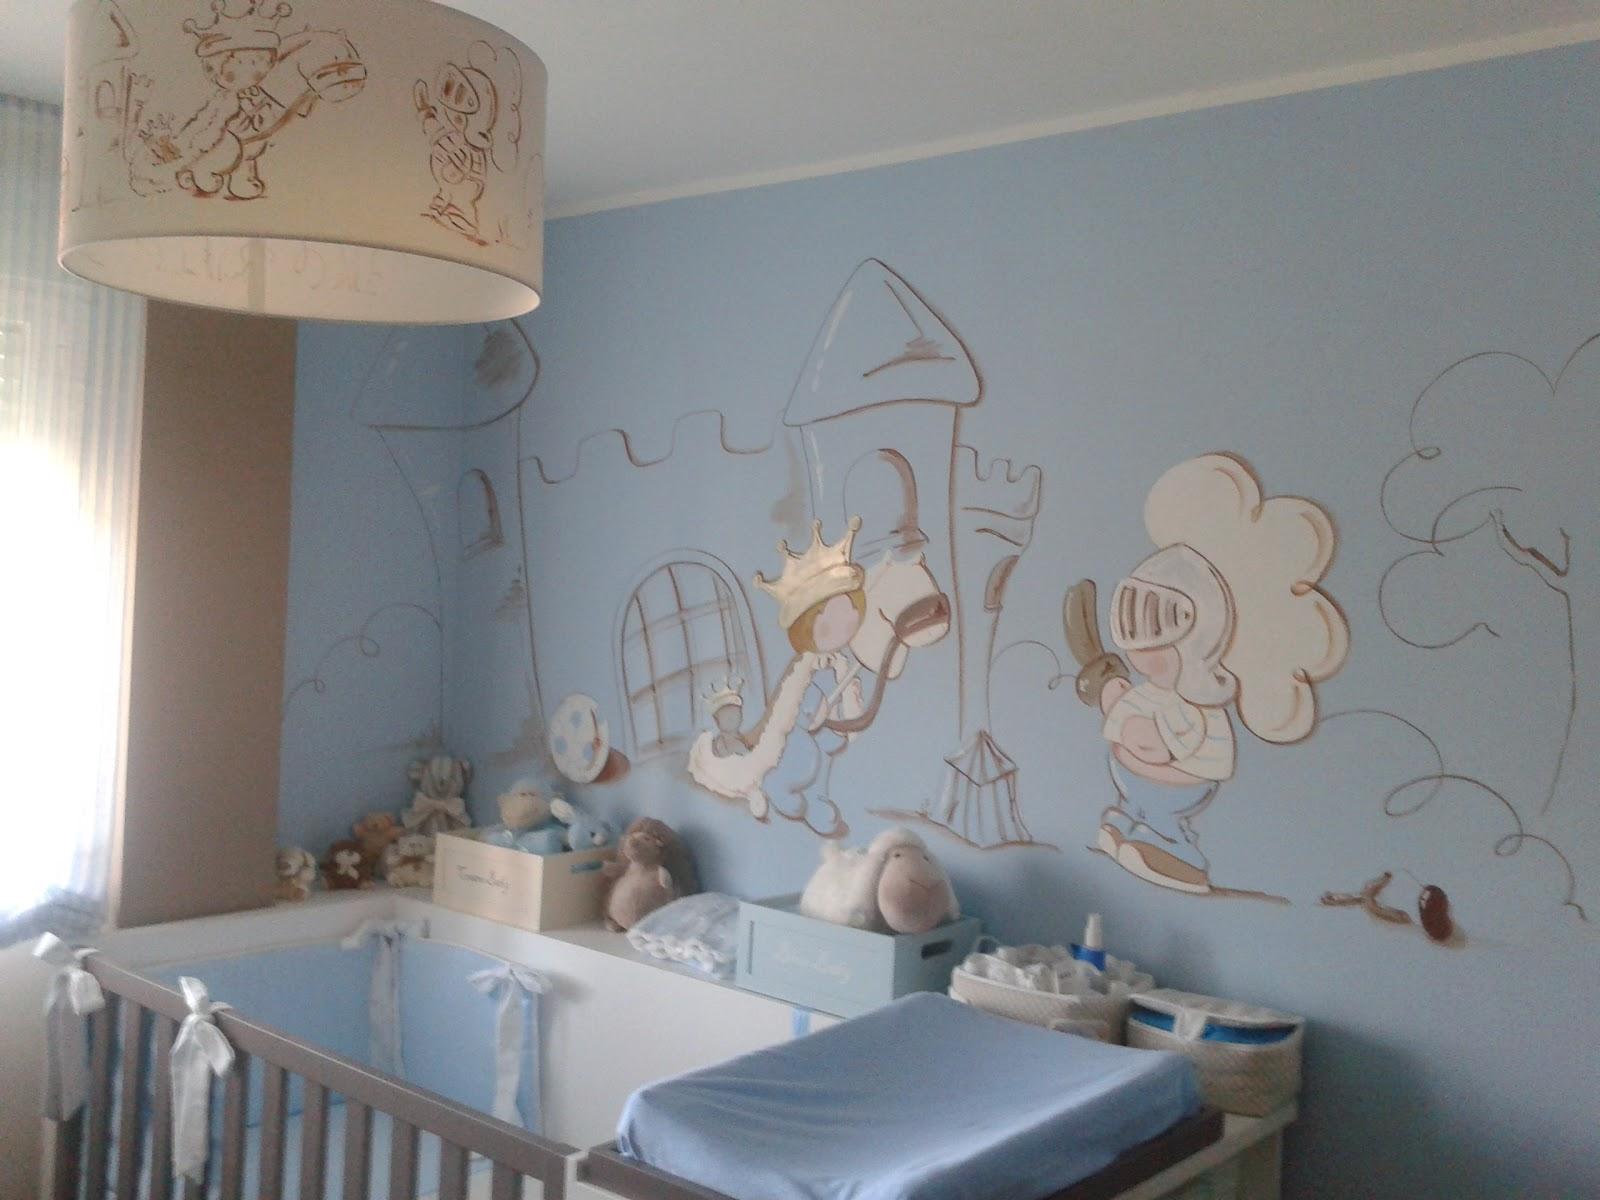 Couleur Peinture Chambre Enfant Fille couleur de peinture pour chambre b b fille - peinture